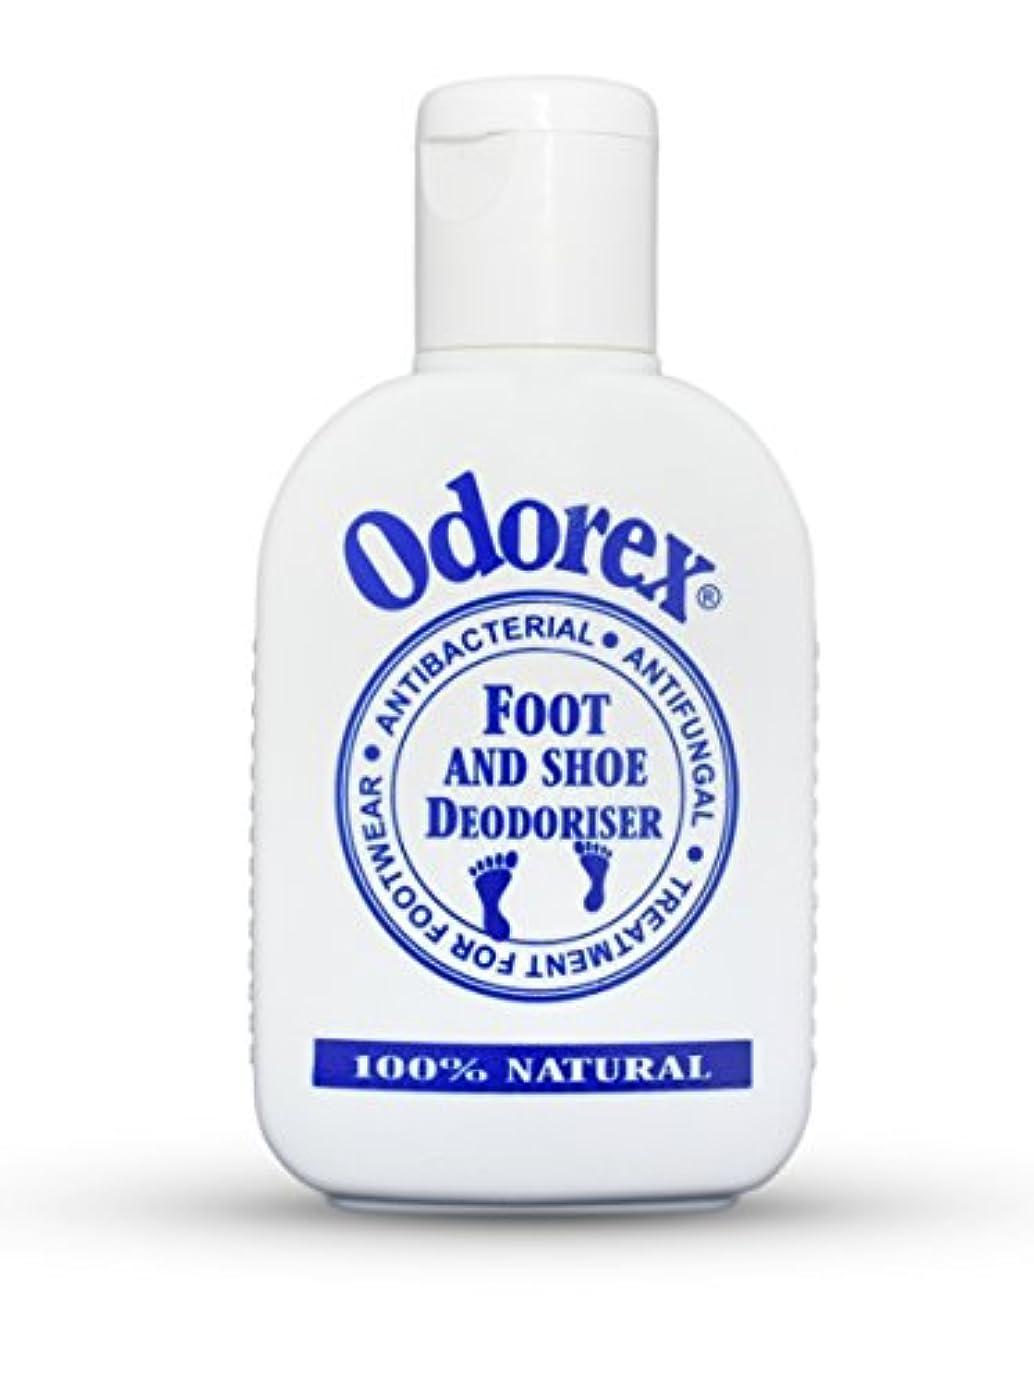 付属品ラッカス見物人オダエックス100% ナチュラル 靴用除菌?防菌?消臭パウダー30g